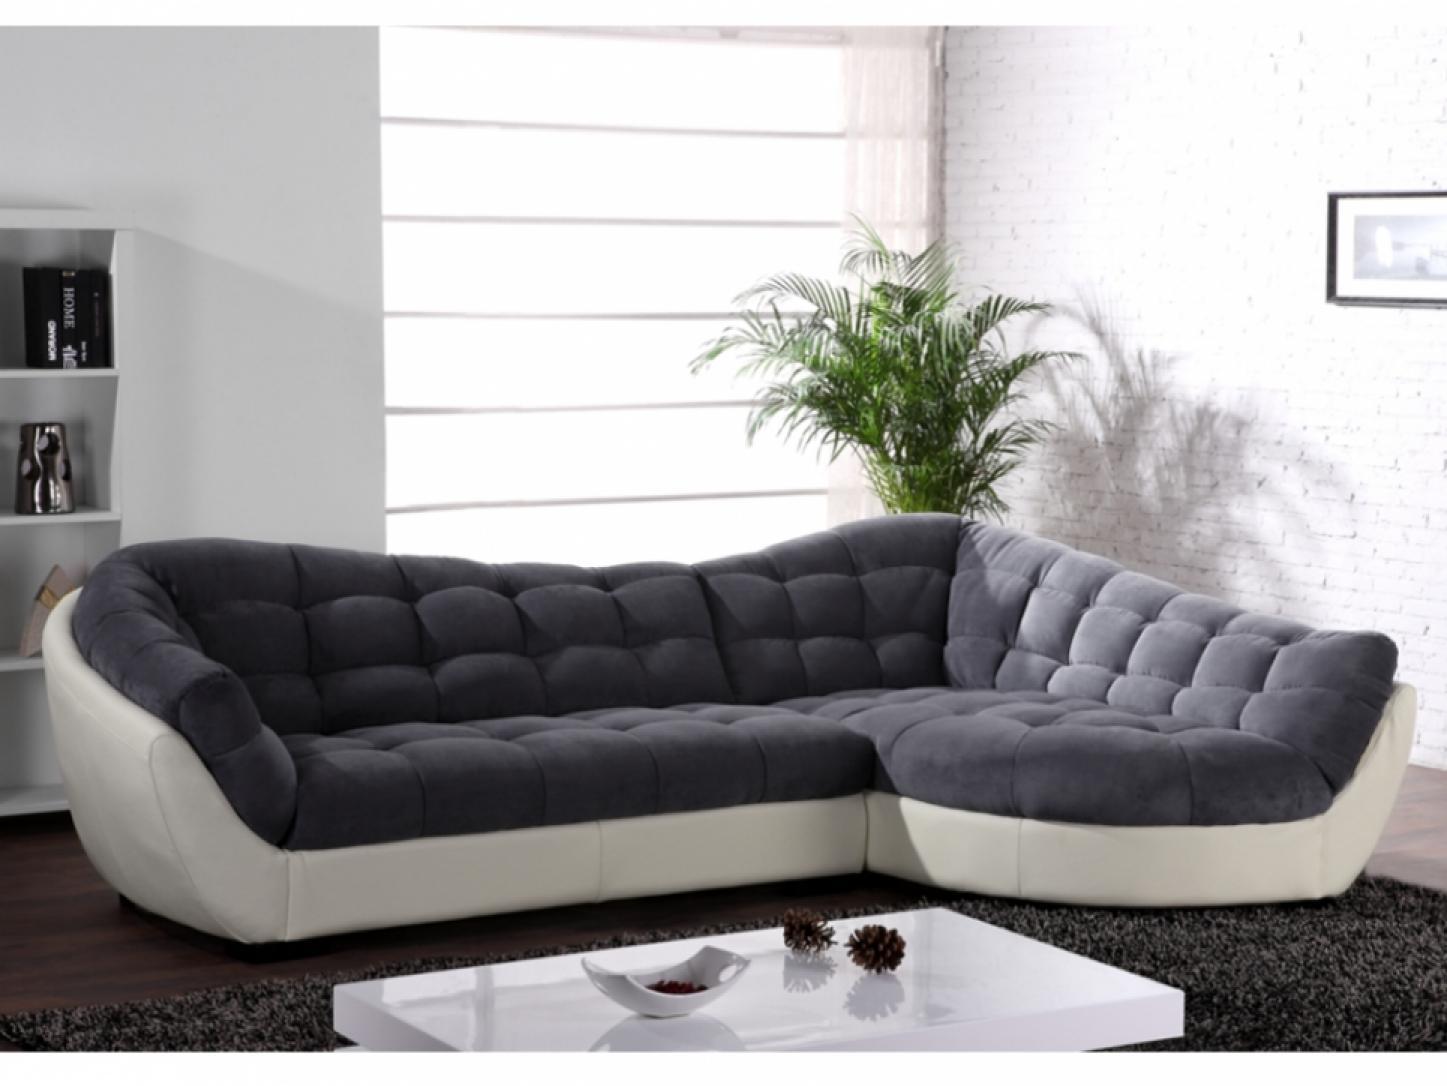 photos canap d 39 angle design gris et blanc. Black Bedroom Furniture Sets. Home Design Ideas